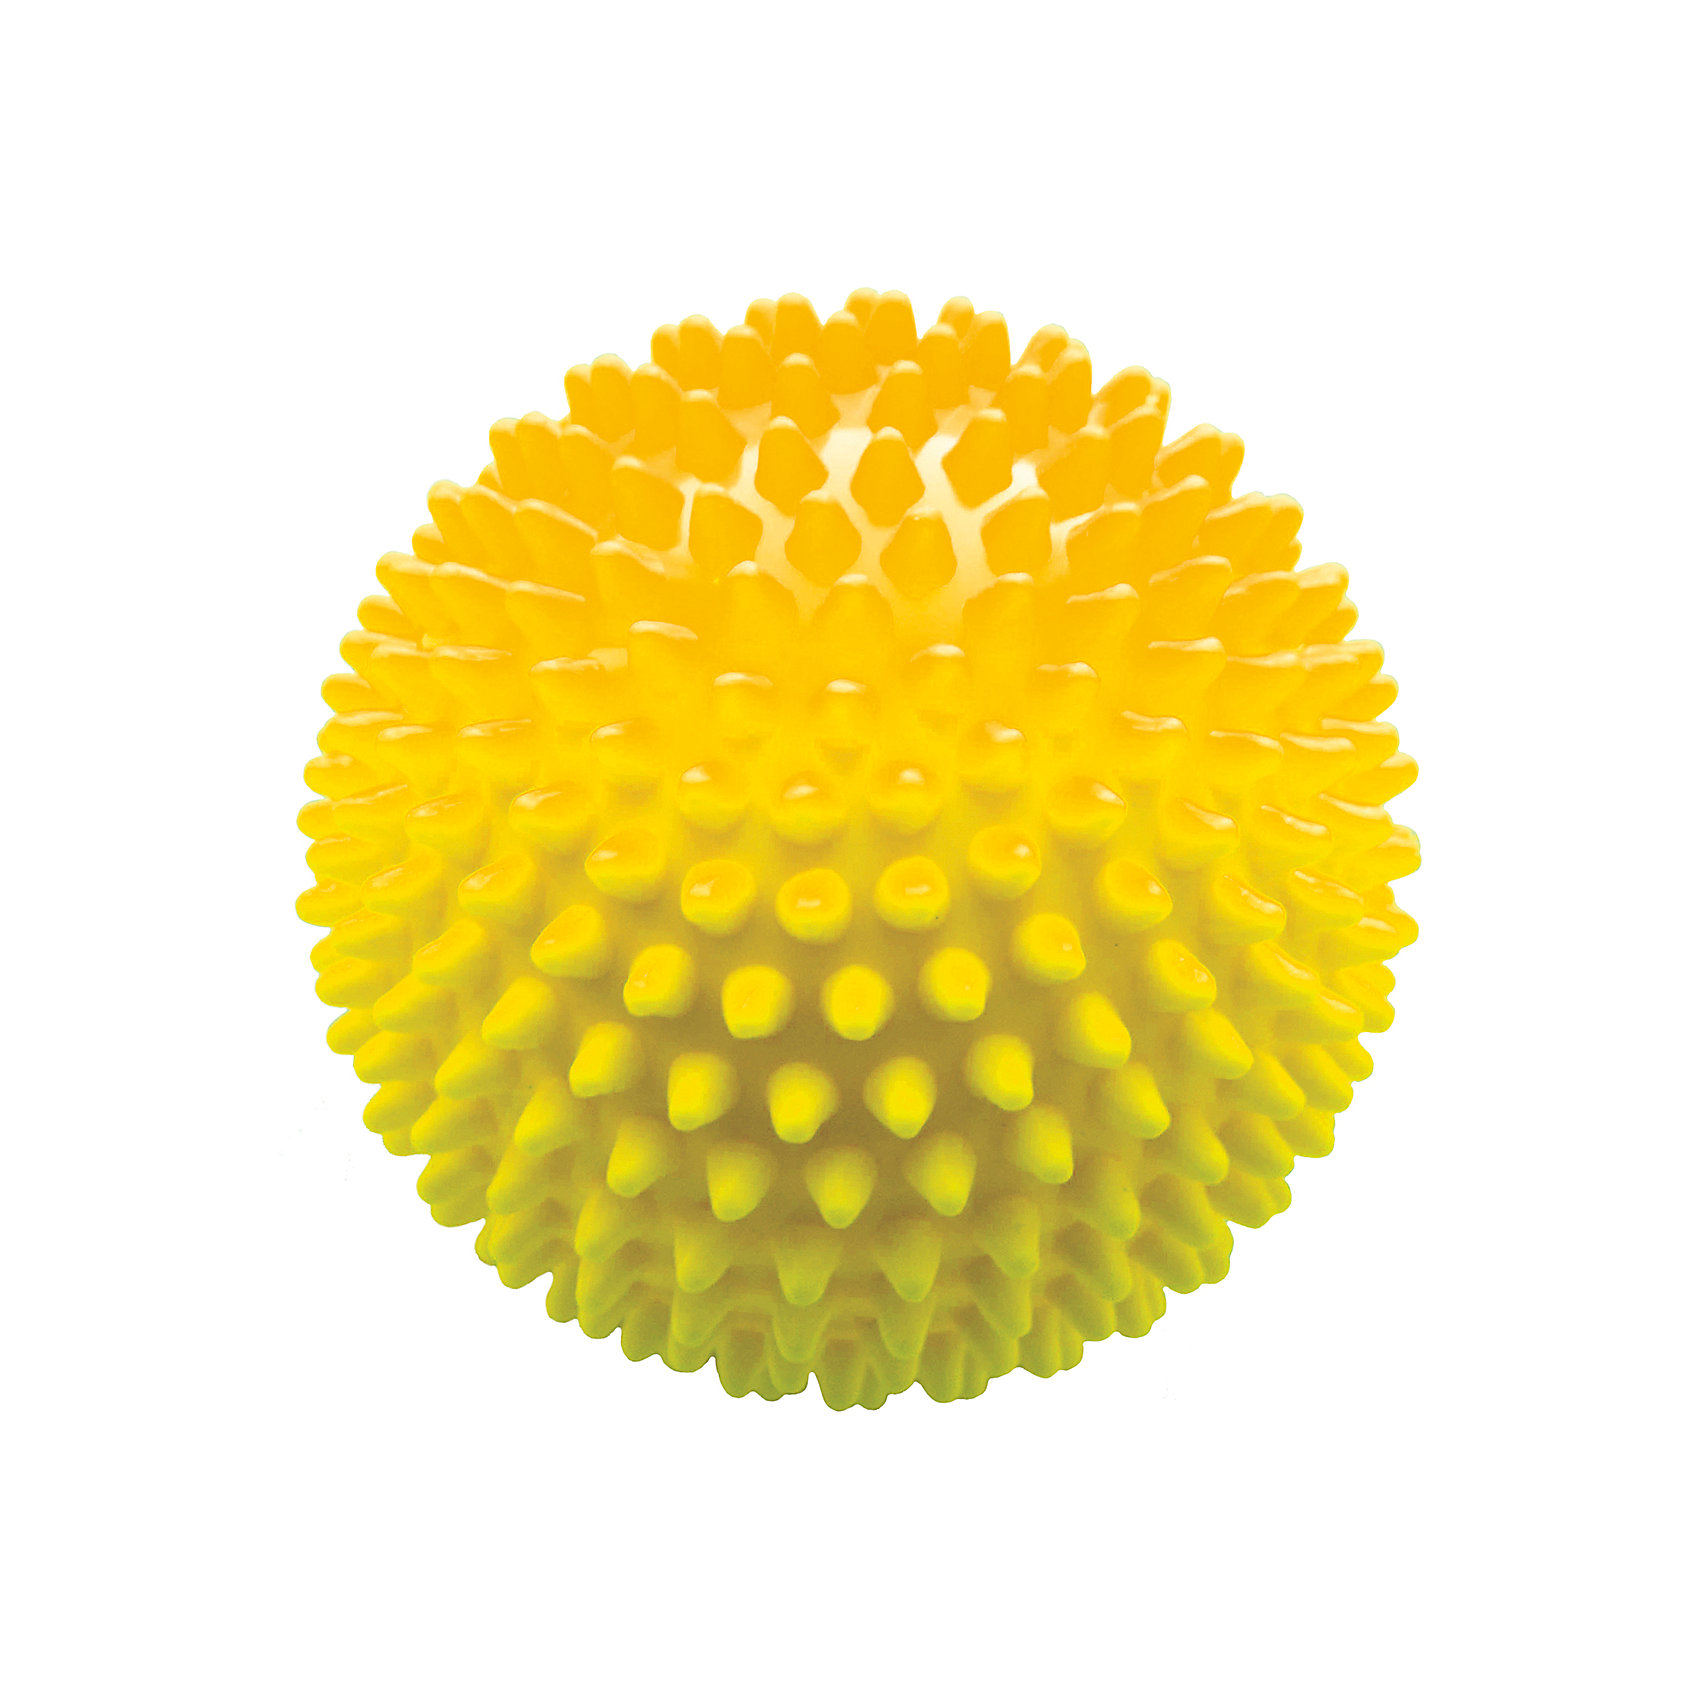 Мяч ёжик желтый, 8,5 см, МалышОКМячи детские<br>Характеристики товара:<br><br>• диаметр мяча: 8,5 см;<br>• материал: ПВХ;<br>• цвет: желтый;<br>• возраст: от 0 месяцев;<br>• размер упаковки: 9х9х9 см;<br>• вес: 60 грамм;<br>• страна бренда: Россия.<br><br>Яркий мяч ёжик подойдет для игр, развития и купания малыша.<br><br>Занятия благотворно влияют на развитие центральной нервной системы, мускулатуры, а также уменьшают венозный застой и улучшают капиллярный кровоток.<br><br>Мяч изготовлен из гипоаллергенного материала.<br><br>Мяч ёжик желтый, 8,5 см, МалышОК можно купить в нашем интернет-магазине.<br><br>Ширина мм: 90<br>Глубина мм: 90<br>Высота мм: 90<br>Вес г: 60<br>Возраст от месяцев: 6<br>Возраст до месяцев: 2147483647<br>Пол: Унисекс<br>Возраст: Детский<br>SKU: 6894015